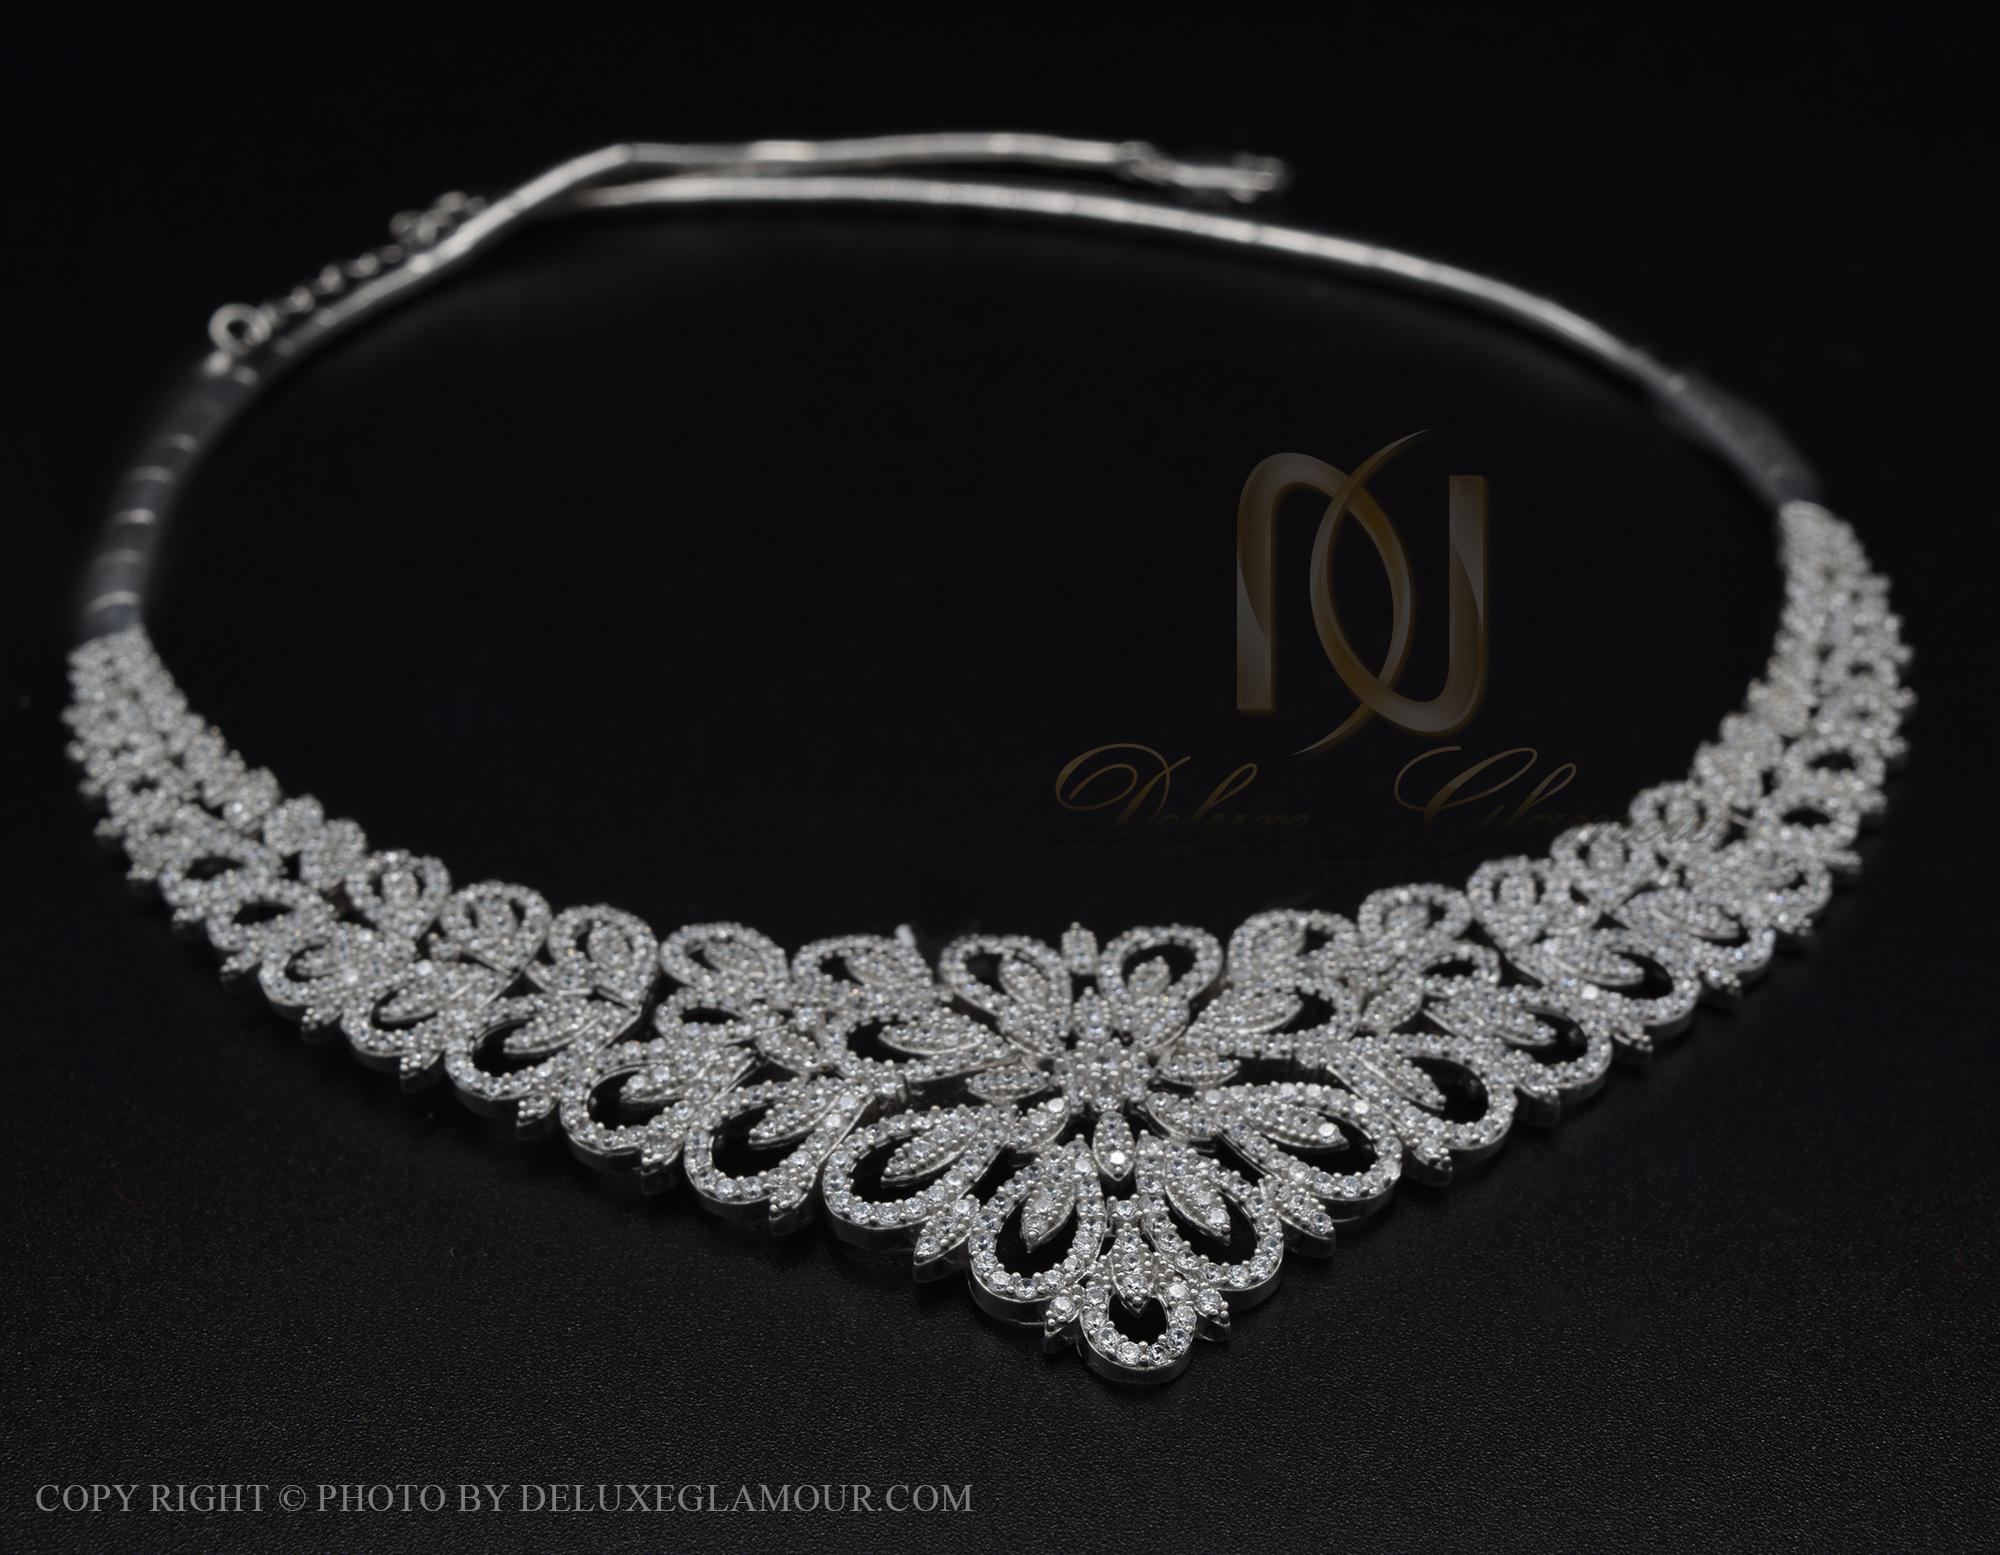 سرویس نقره طرح جواهر جدید ns-n419 از نمای نزدیک